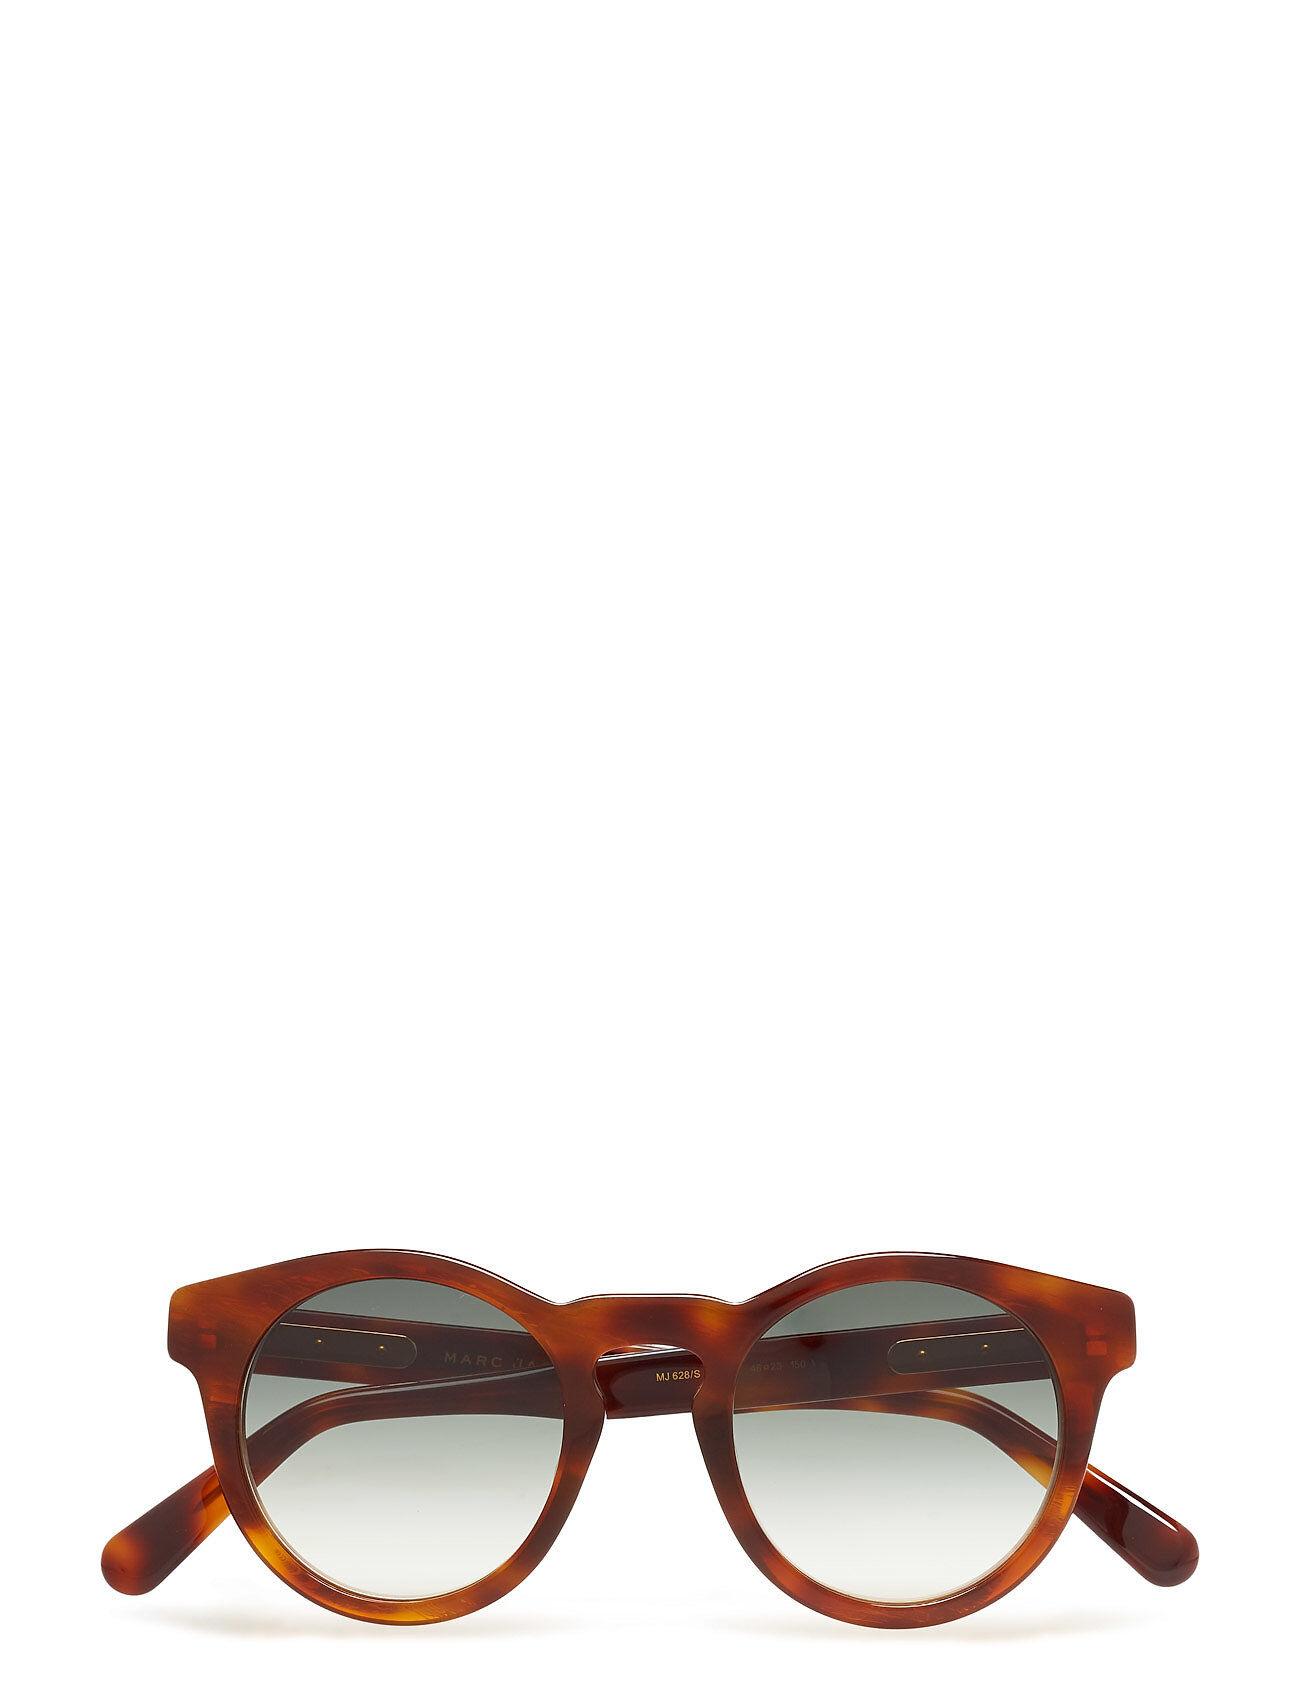 Image of Marc Jacobs Sunglasses Mj 628/S Aurinkolasit Monivärinen/Kuvioitu Marc Jacobs Sunglasses